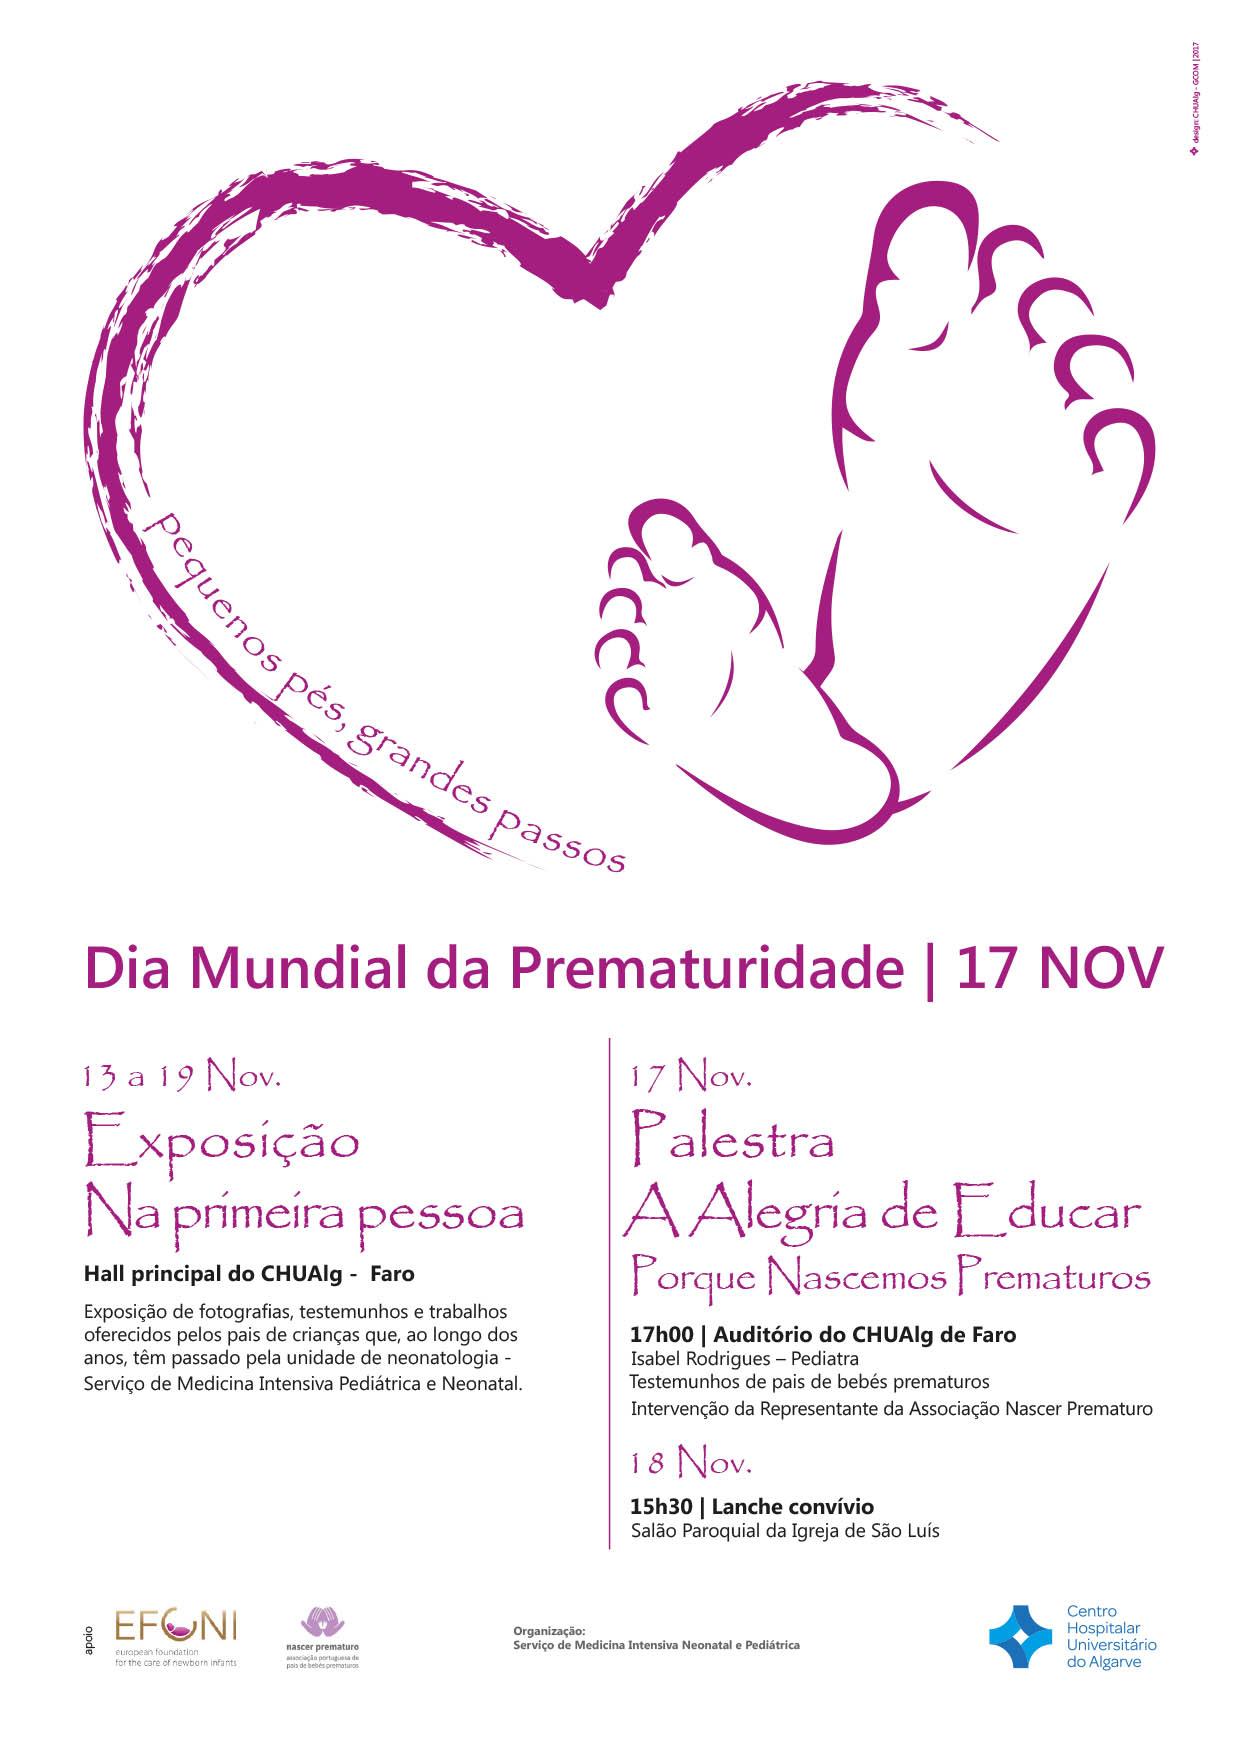 Dia Mundial da Prematuridade CHUA